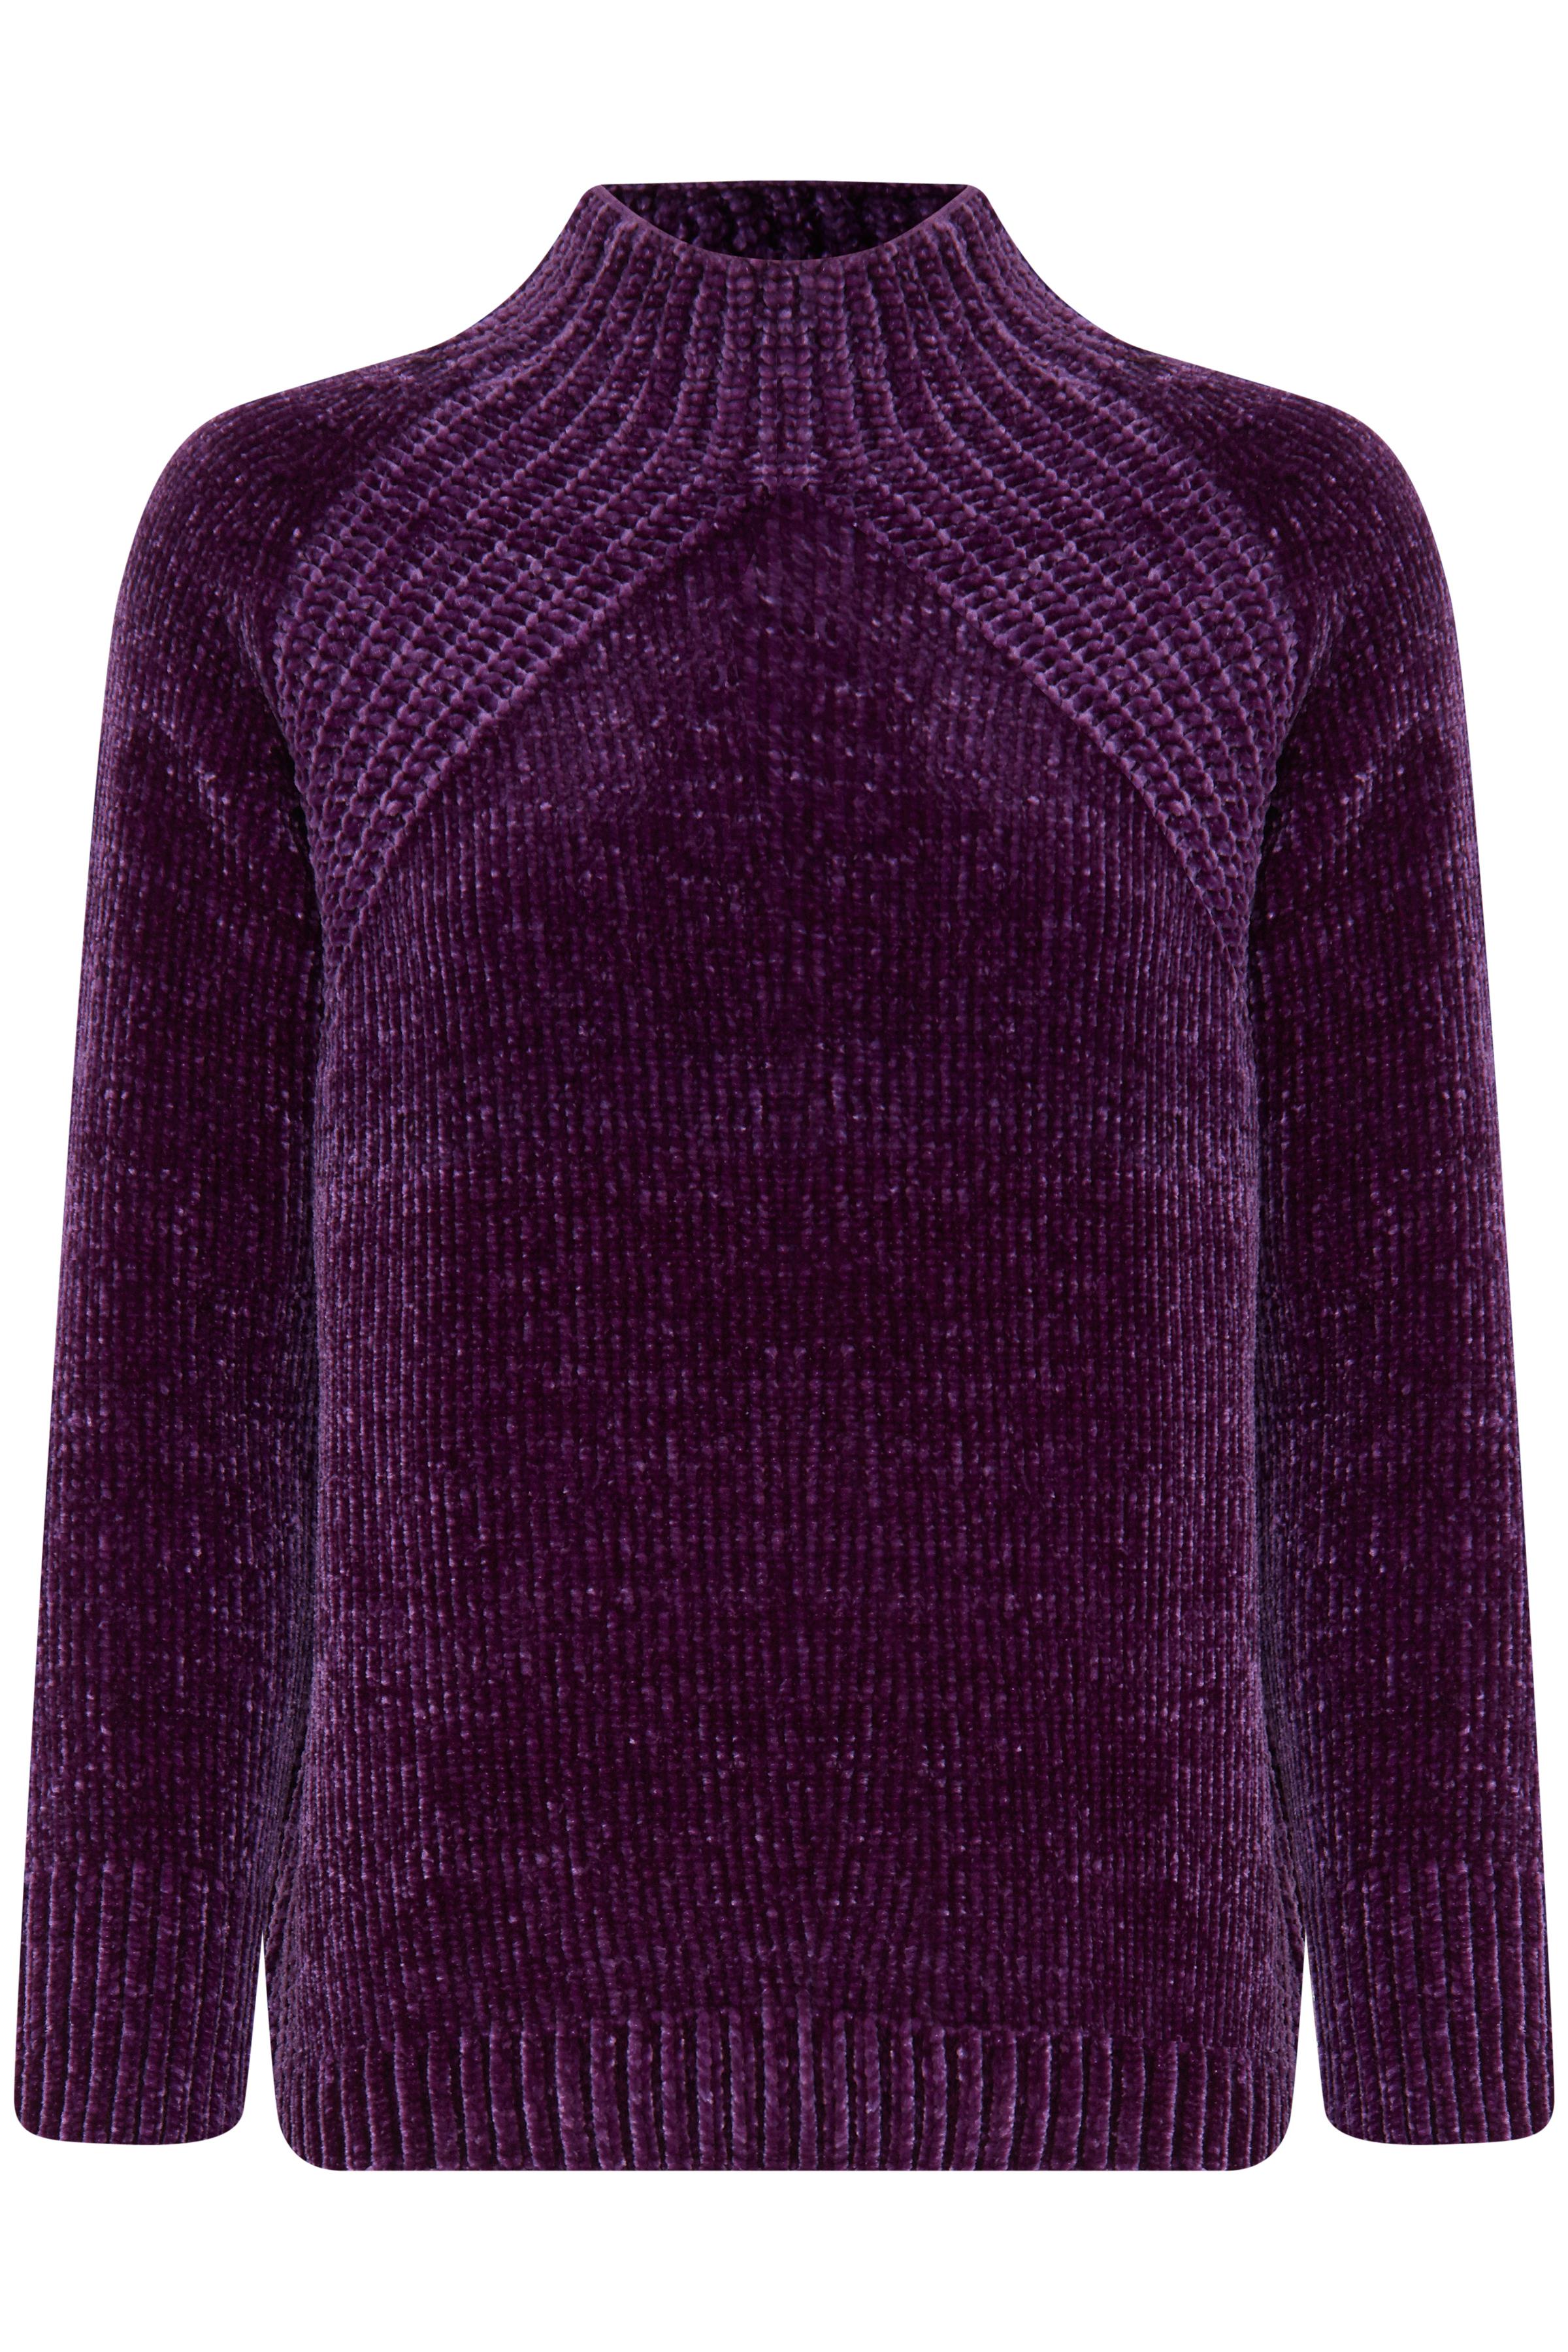 Imperial Purple Strikpullover fra b.young – Køb Imperial Purple Strikpullover fra str. S-XXL her